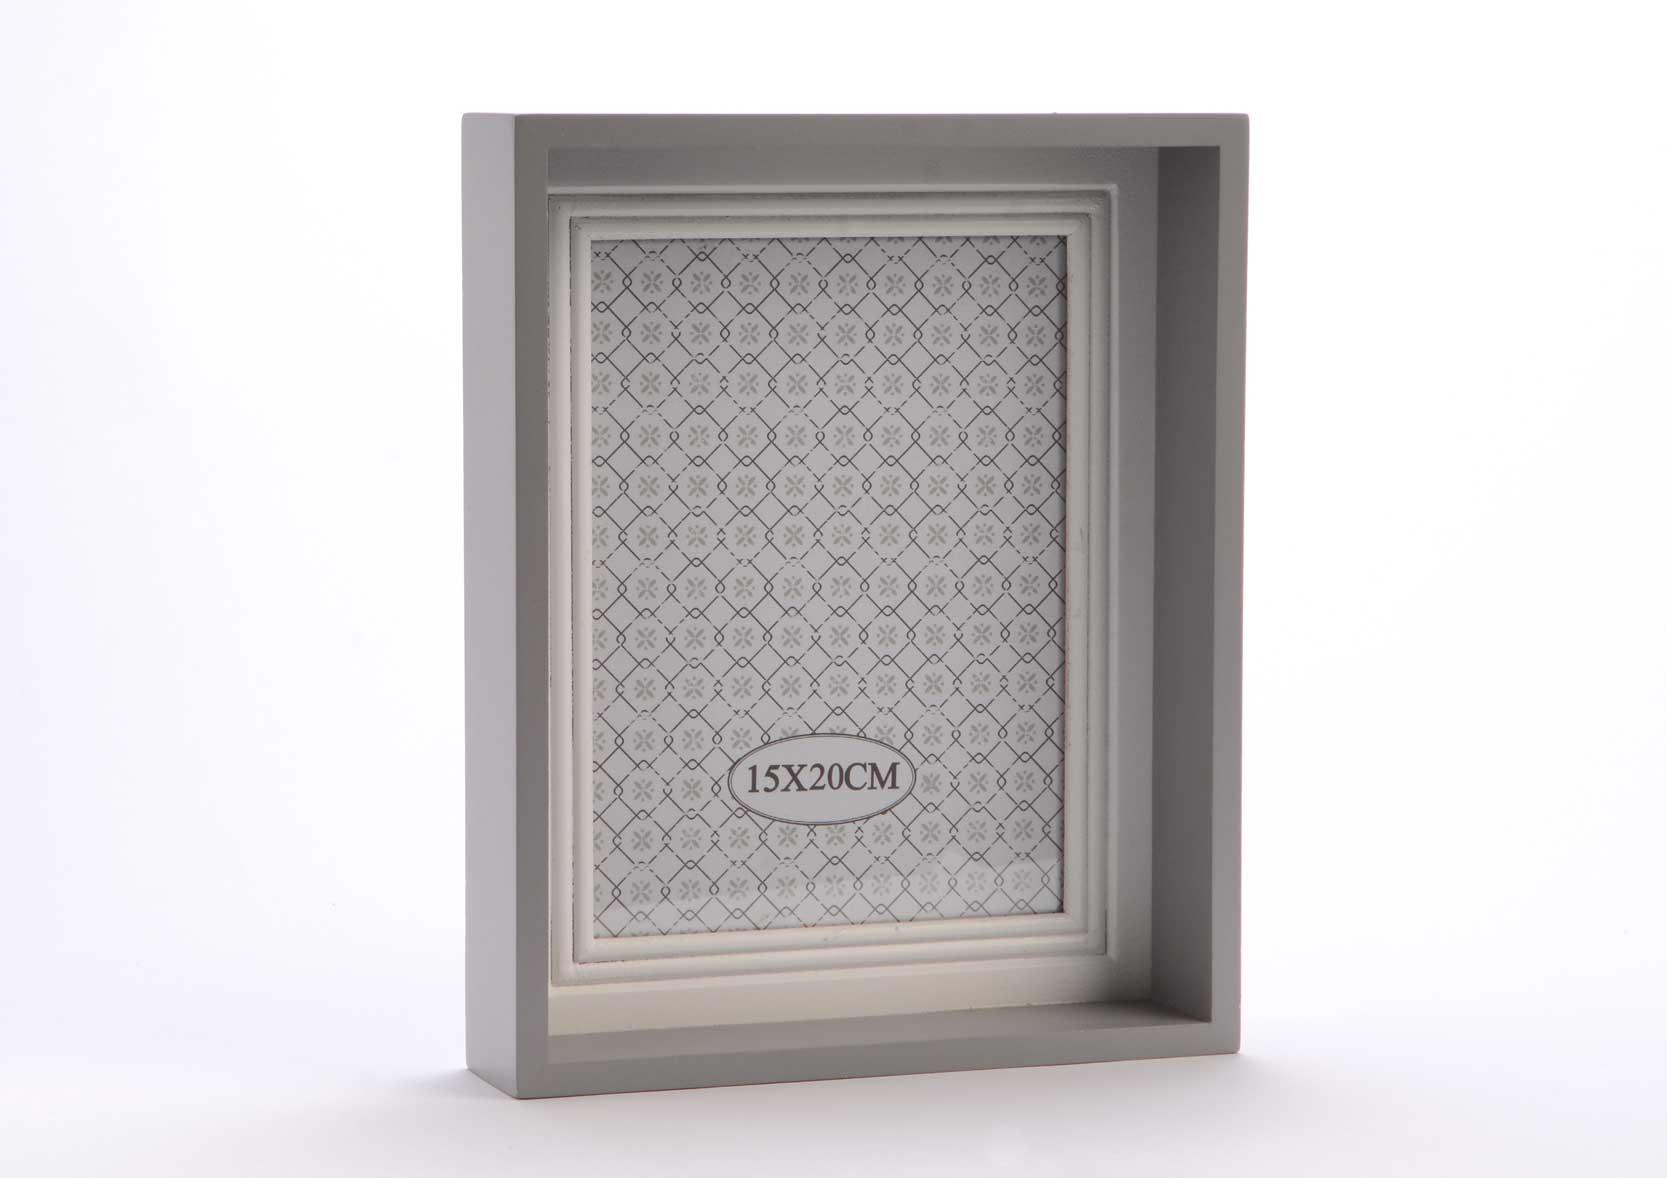 cadre photo gris et blanc 15 x 20cm. Black Bedroom Furniture Sets. Home Design Ideas